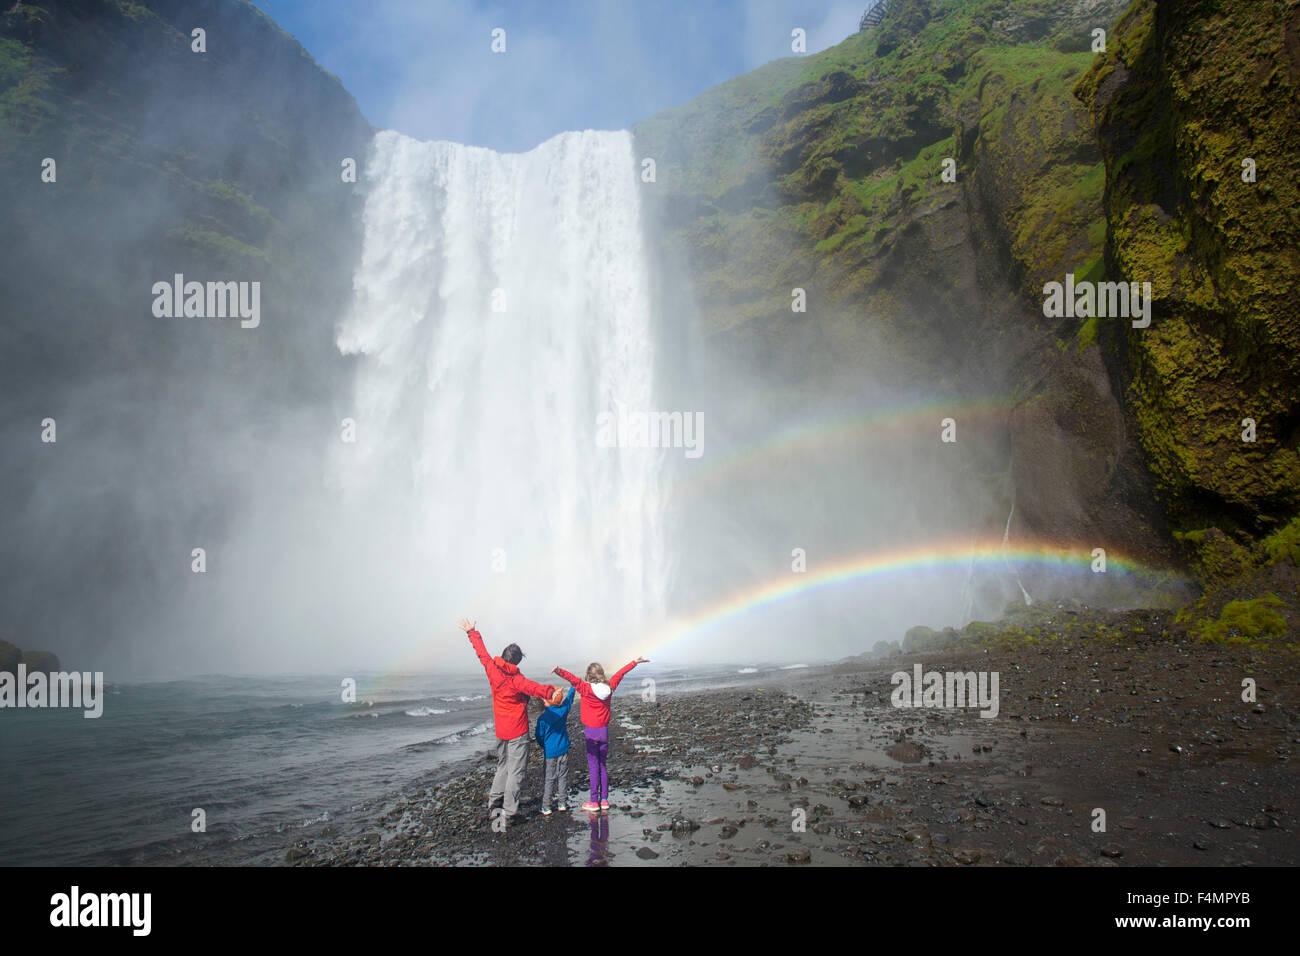 En la familia arco iris debajo de 60m de alto, Catarata Skogafoss, Sudhurland Skogar, Islandia. Imagen De Stock